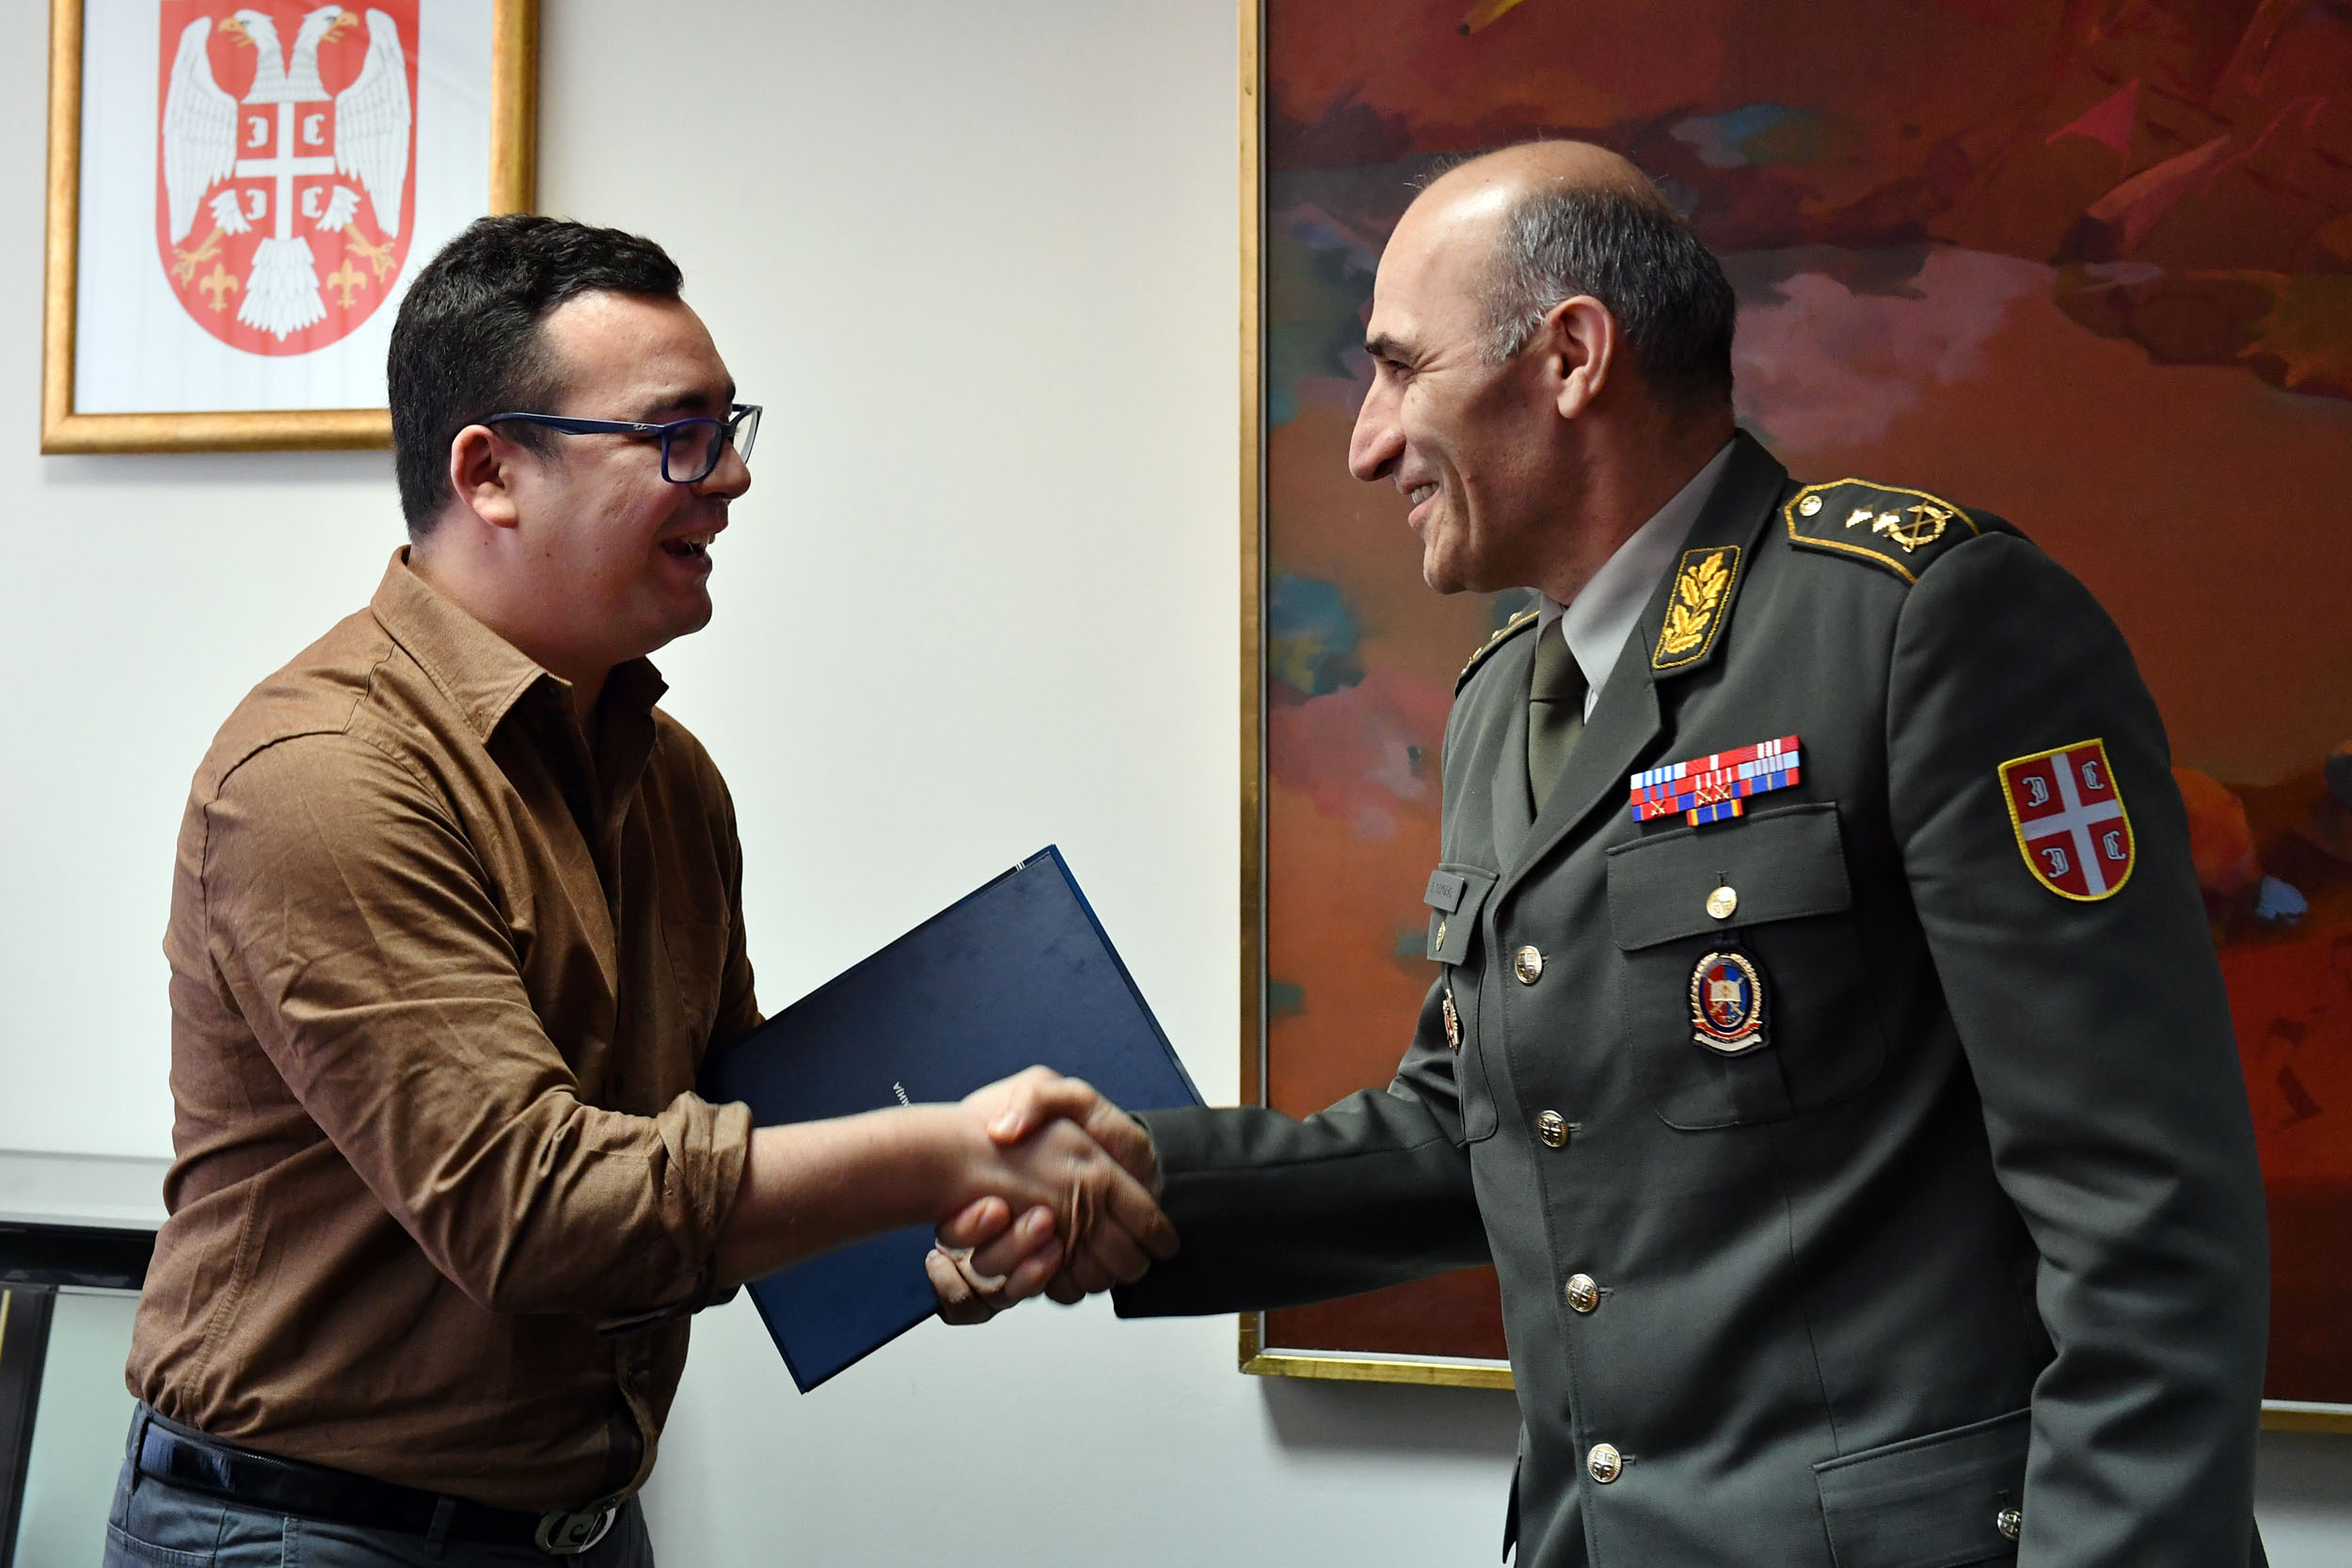 الجزائر : صلاحيات نائب وزير الدفاع الوطني - صفحة 14 Ban_9423_1490965292